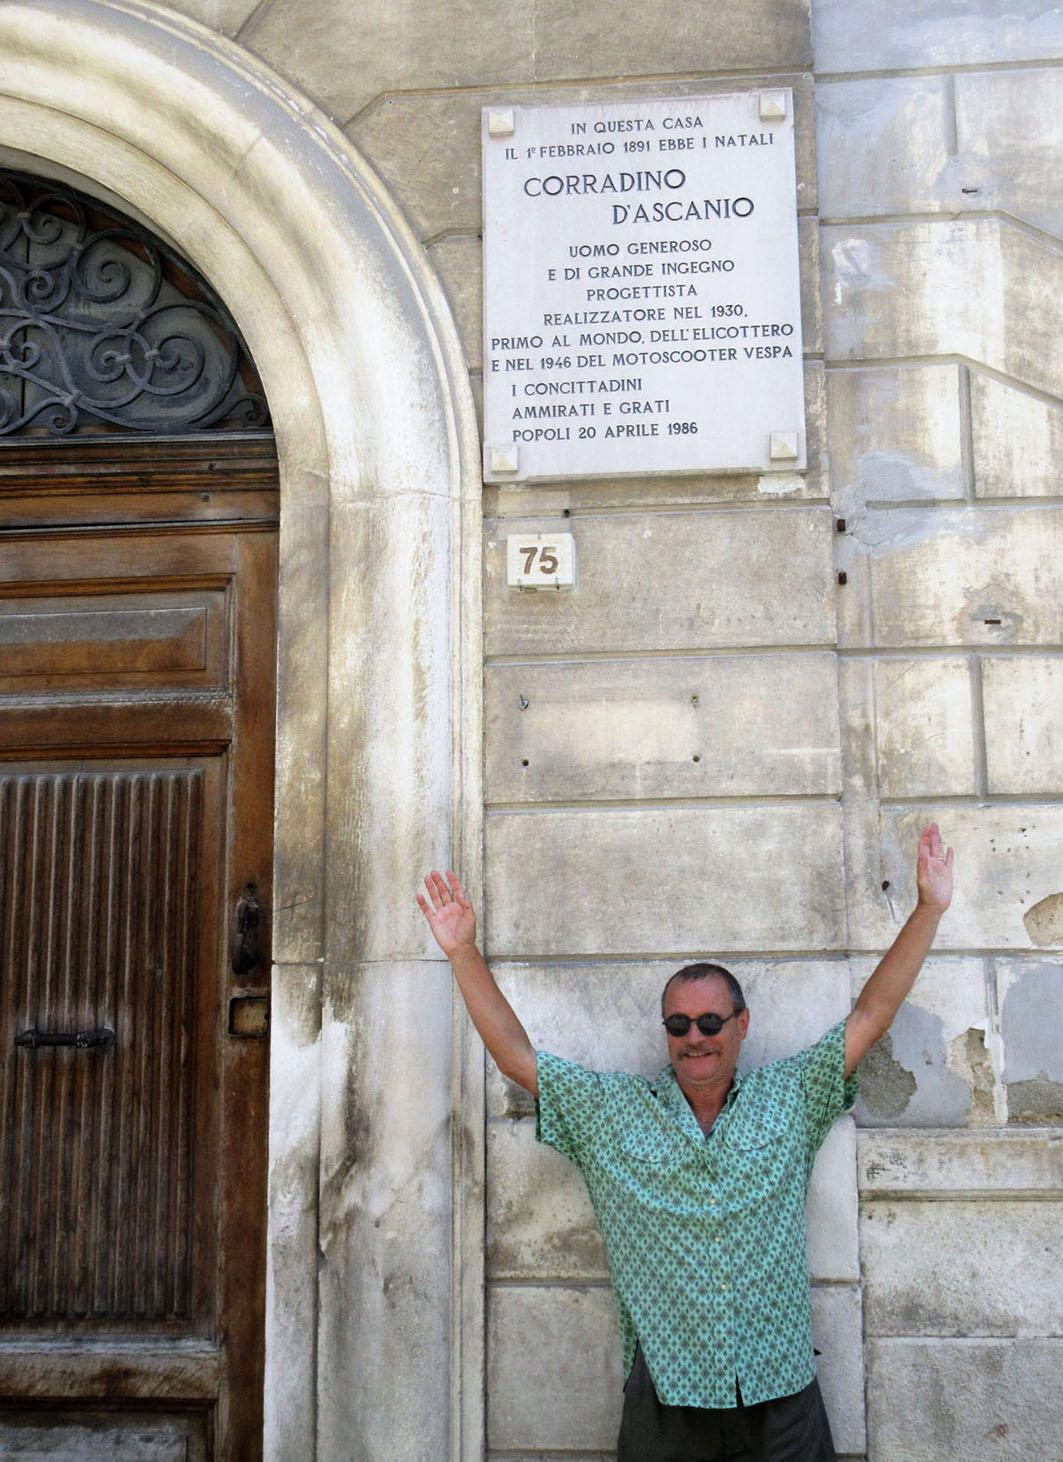 Popoli (Pescara): rendo omaggio a Corradino D'Ascanio.